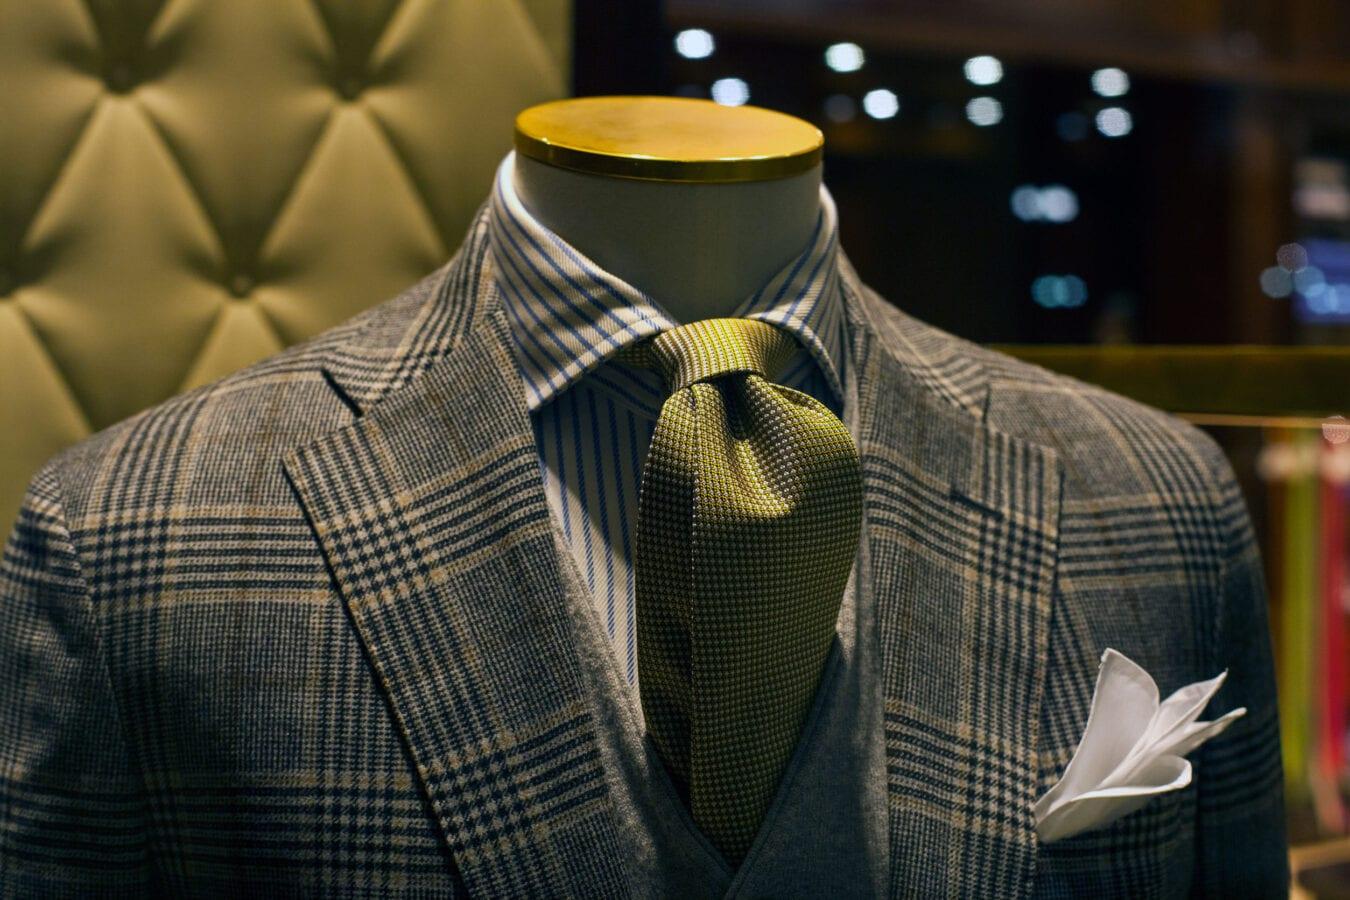 Massanzug Masshemd Hochzeitsanzug Anzug Herrenanzug Uznach Rapperswil Zürich Schweiz